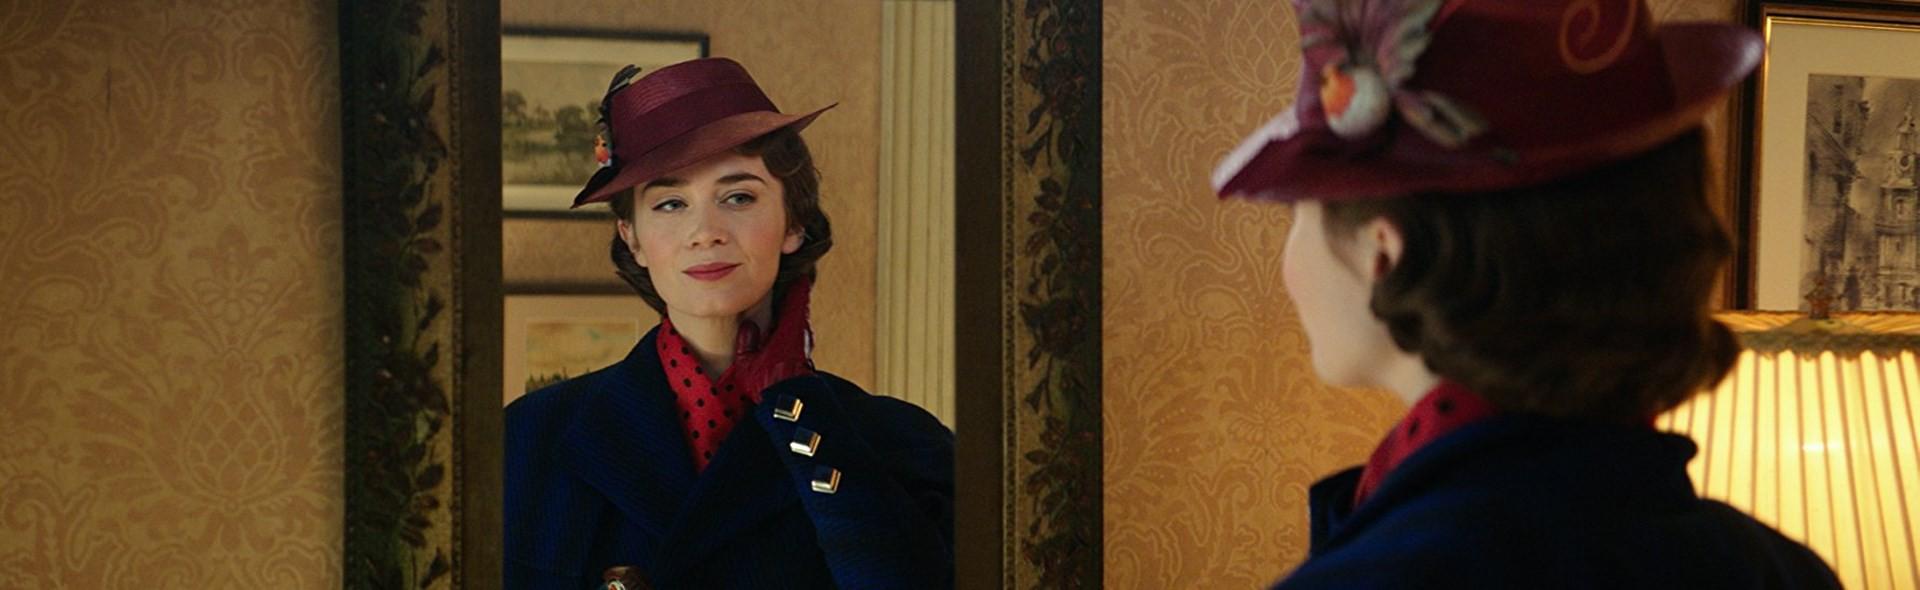 """""""Mary Poppins Returns"""" – Tấm vé thần kỳ để trở về với tuổi thơ - Ảnh 2."""